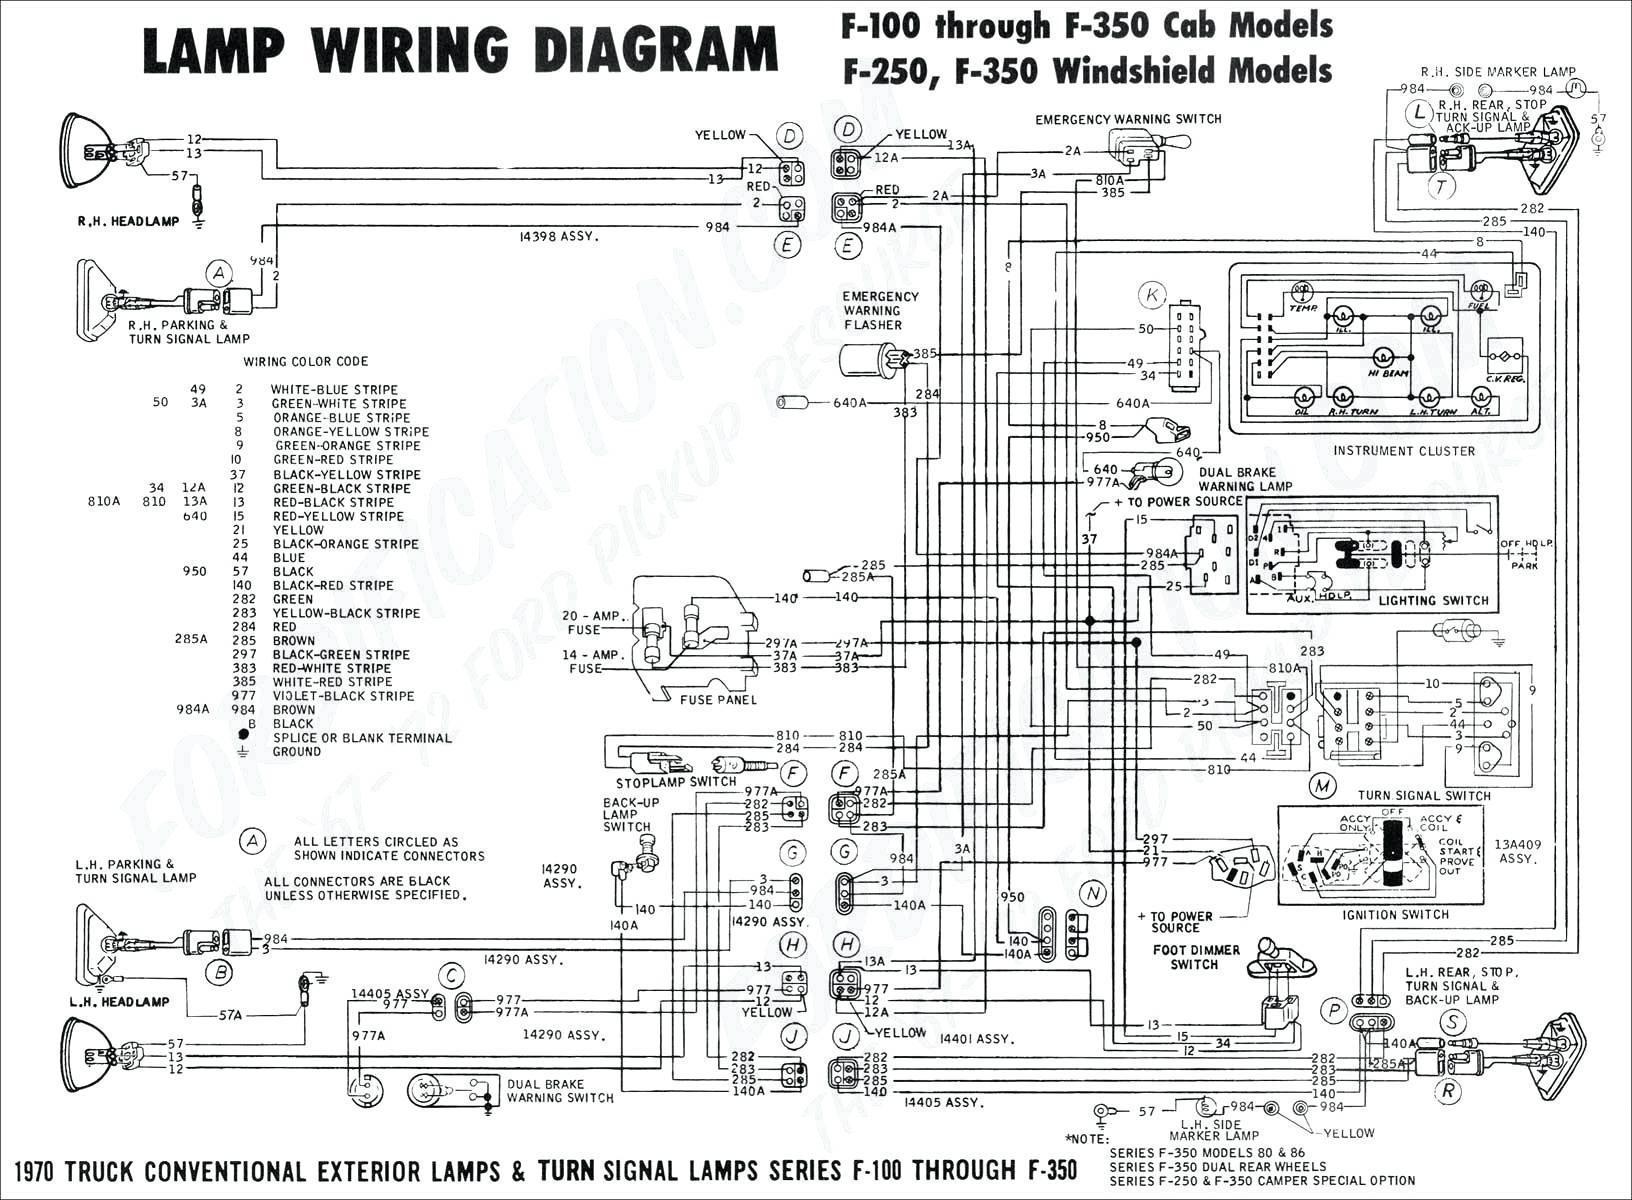 2003 silverado c1500 wiring diagram we 7188  1986 chevy truck wiring diagram furthermore dodge ram  1986 chevy truck wiring diagram